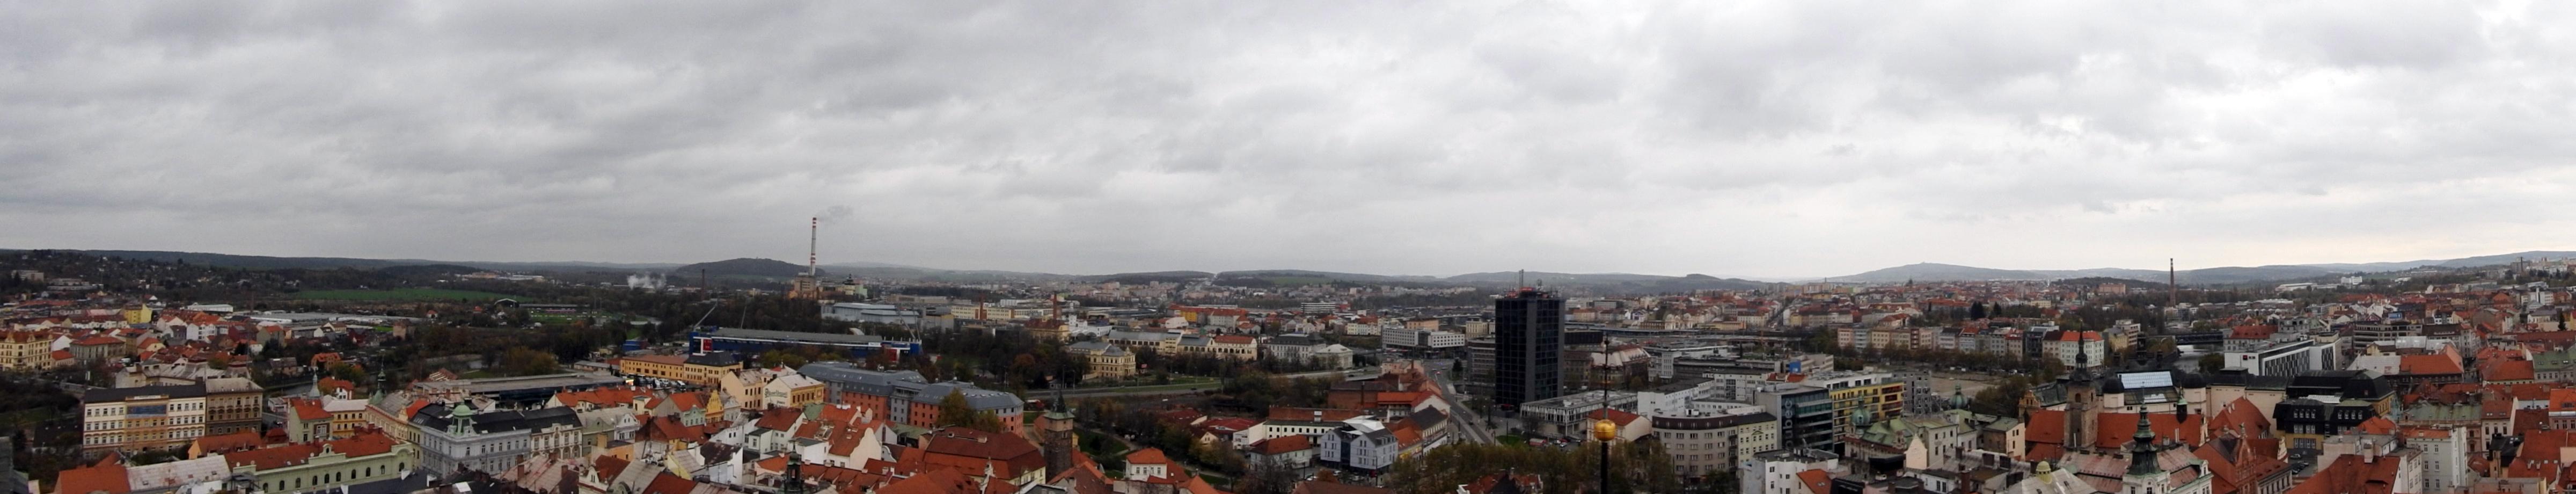 Plzeňské oslavy vzniku republiky – pohled z věže katedrály sv. Bartoloměje